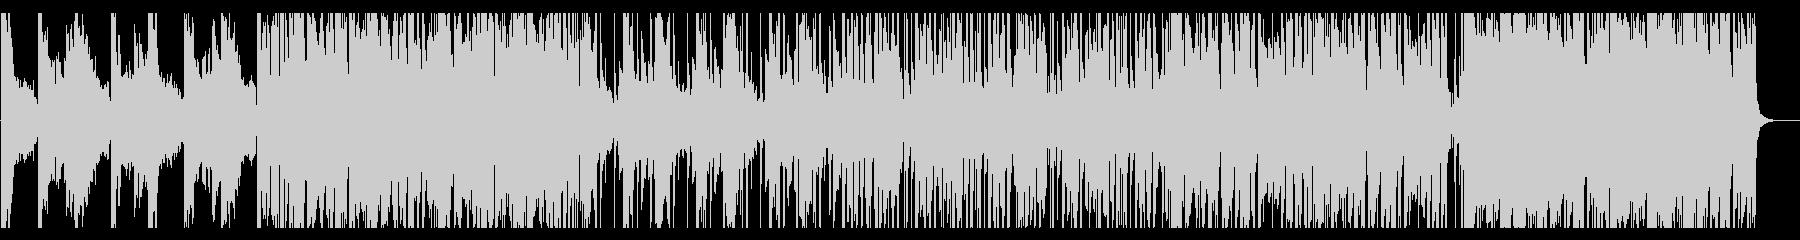 情緒的/R&B_No399_2の未再生の波形